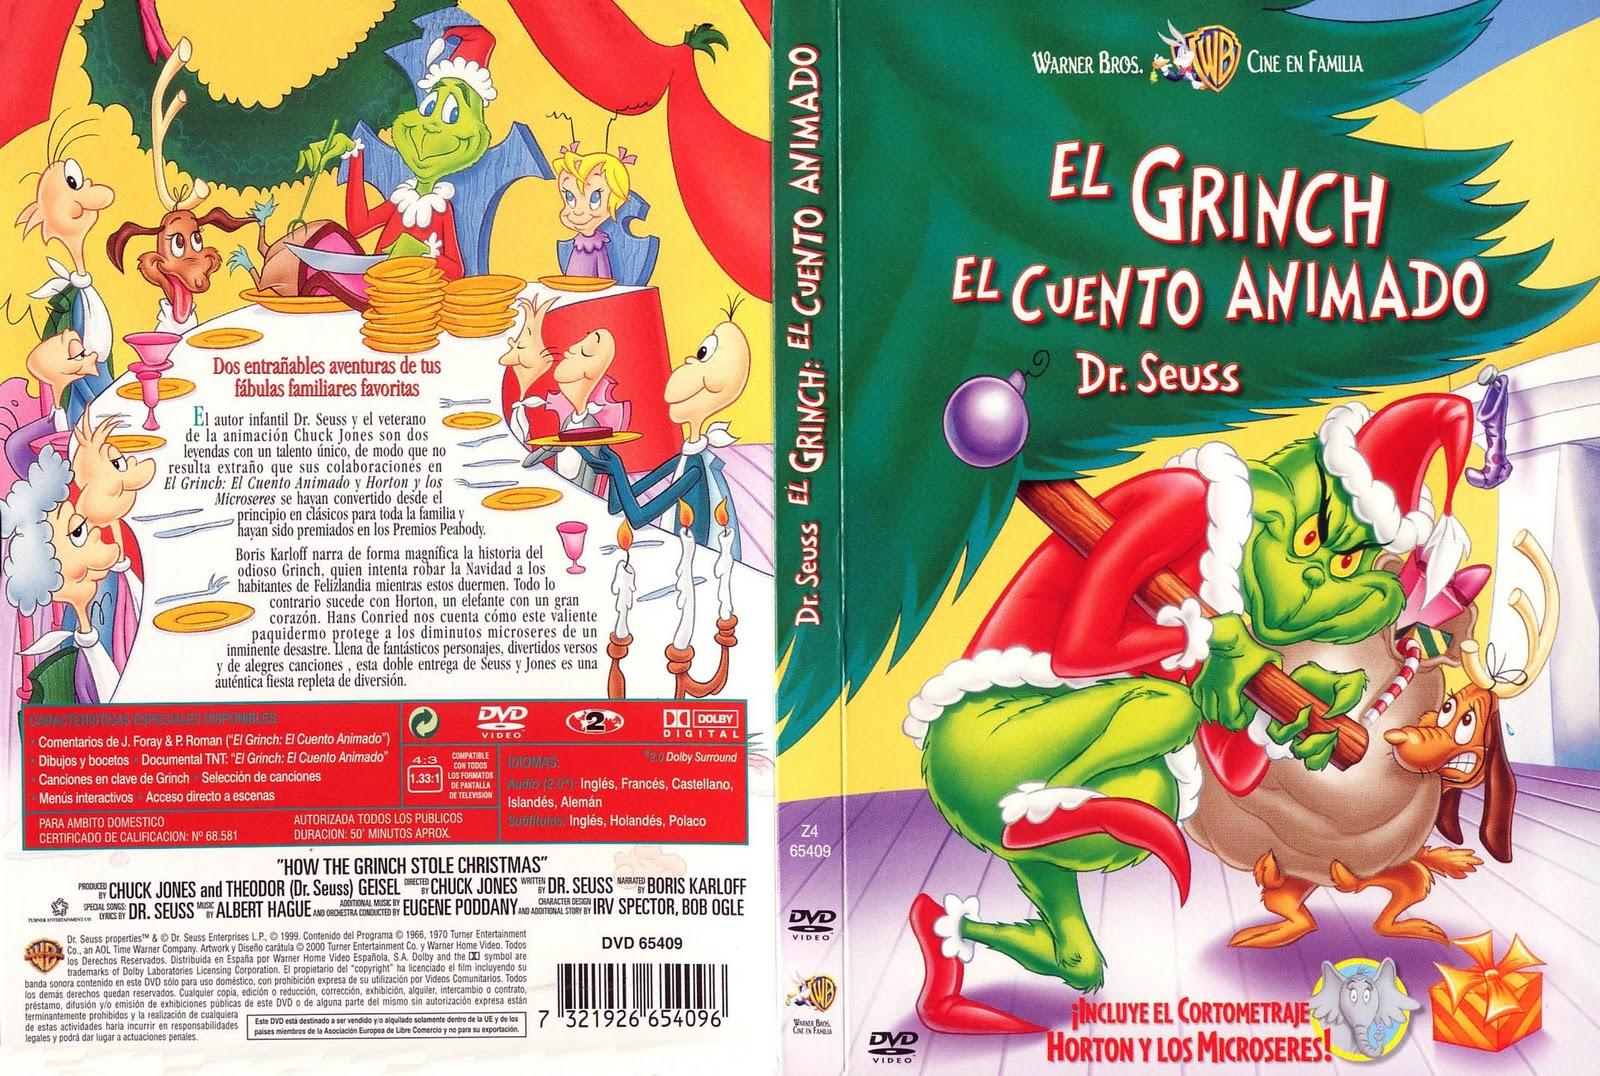 Fondos Para Pantallas De Grinch Para Navidad: Imagenes: El Grinch El